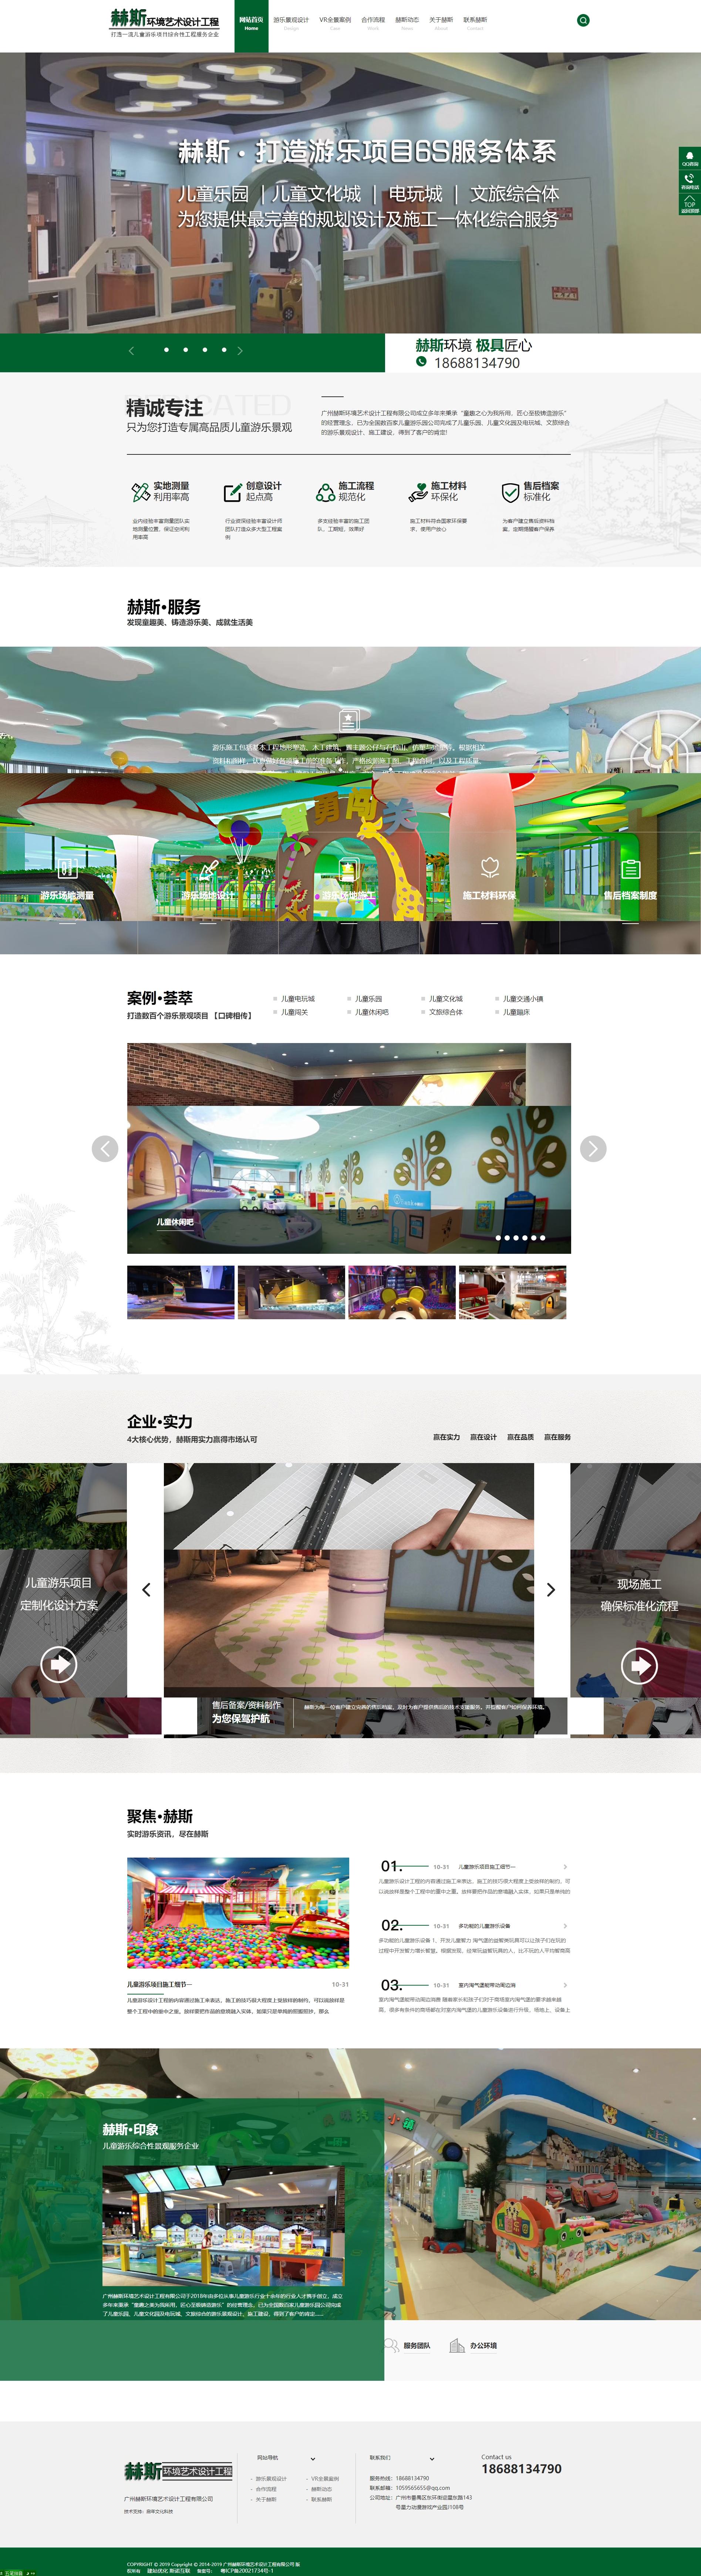 网站建设案例 - 赫斯环境艺术设计